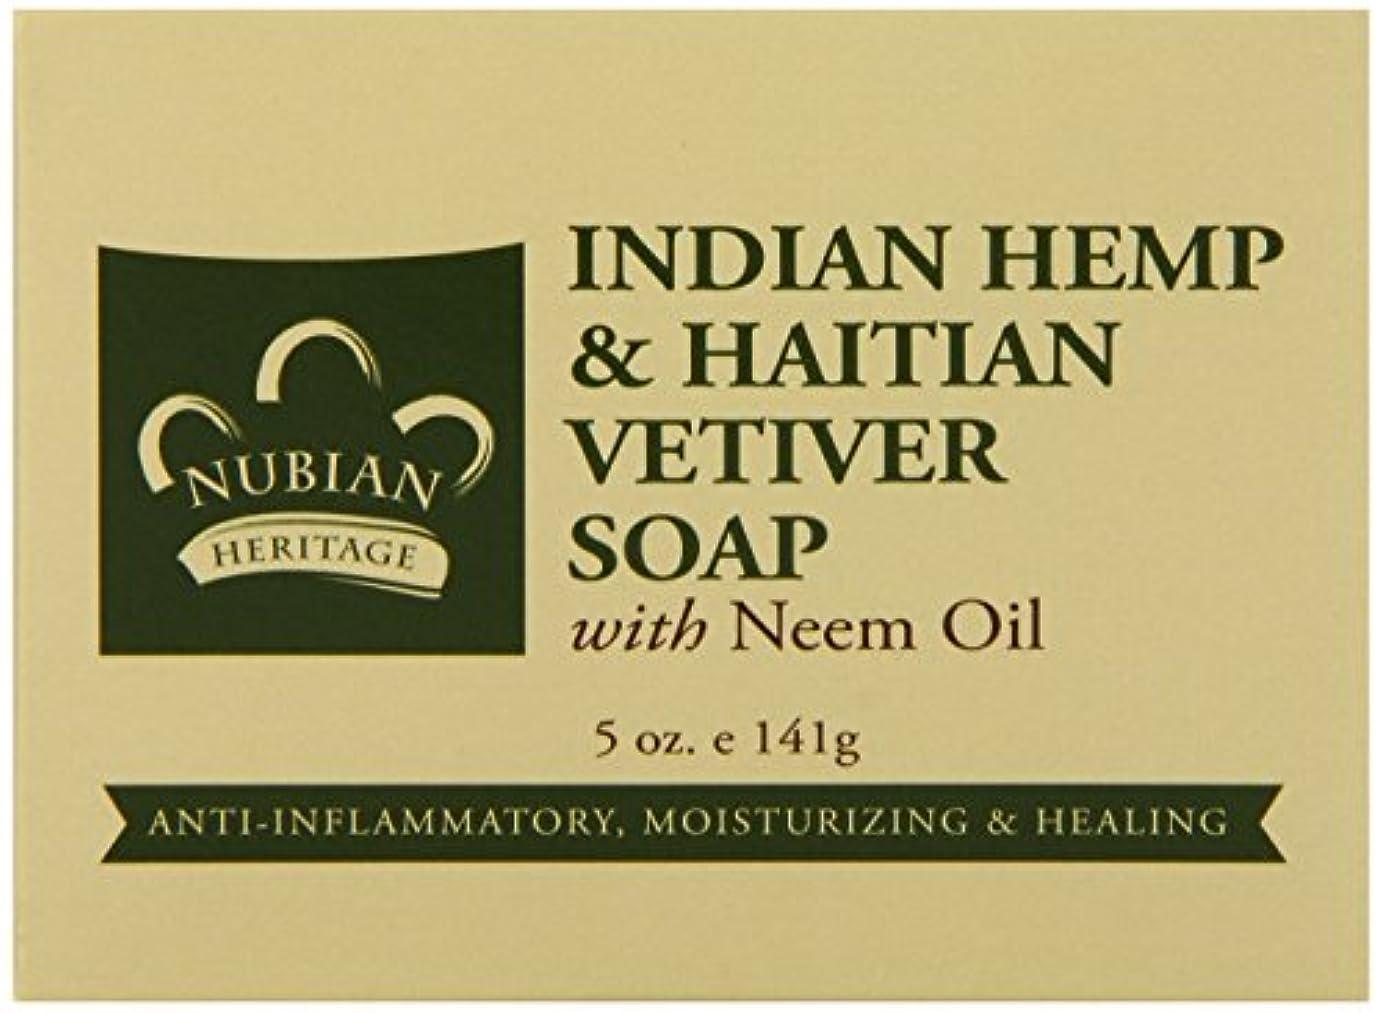 に応じて長さ抵当Nubian Heritage 石鹸、インド大麻、5オンス(シングルパック)